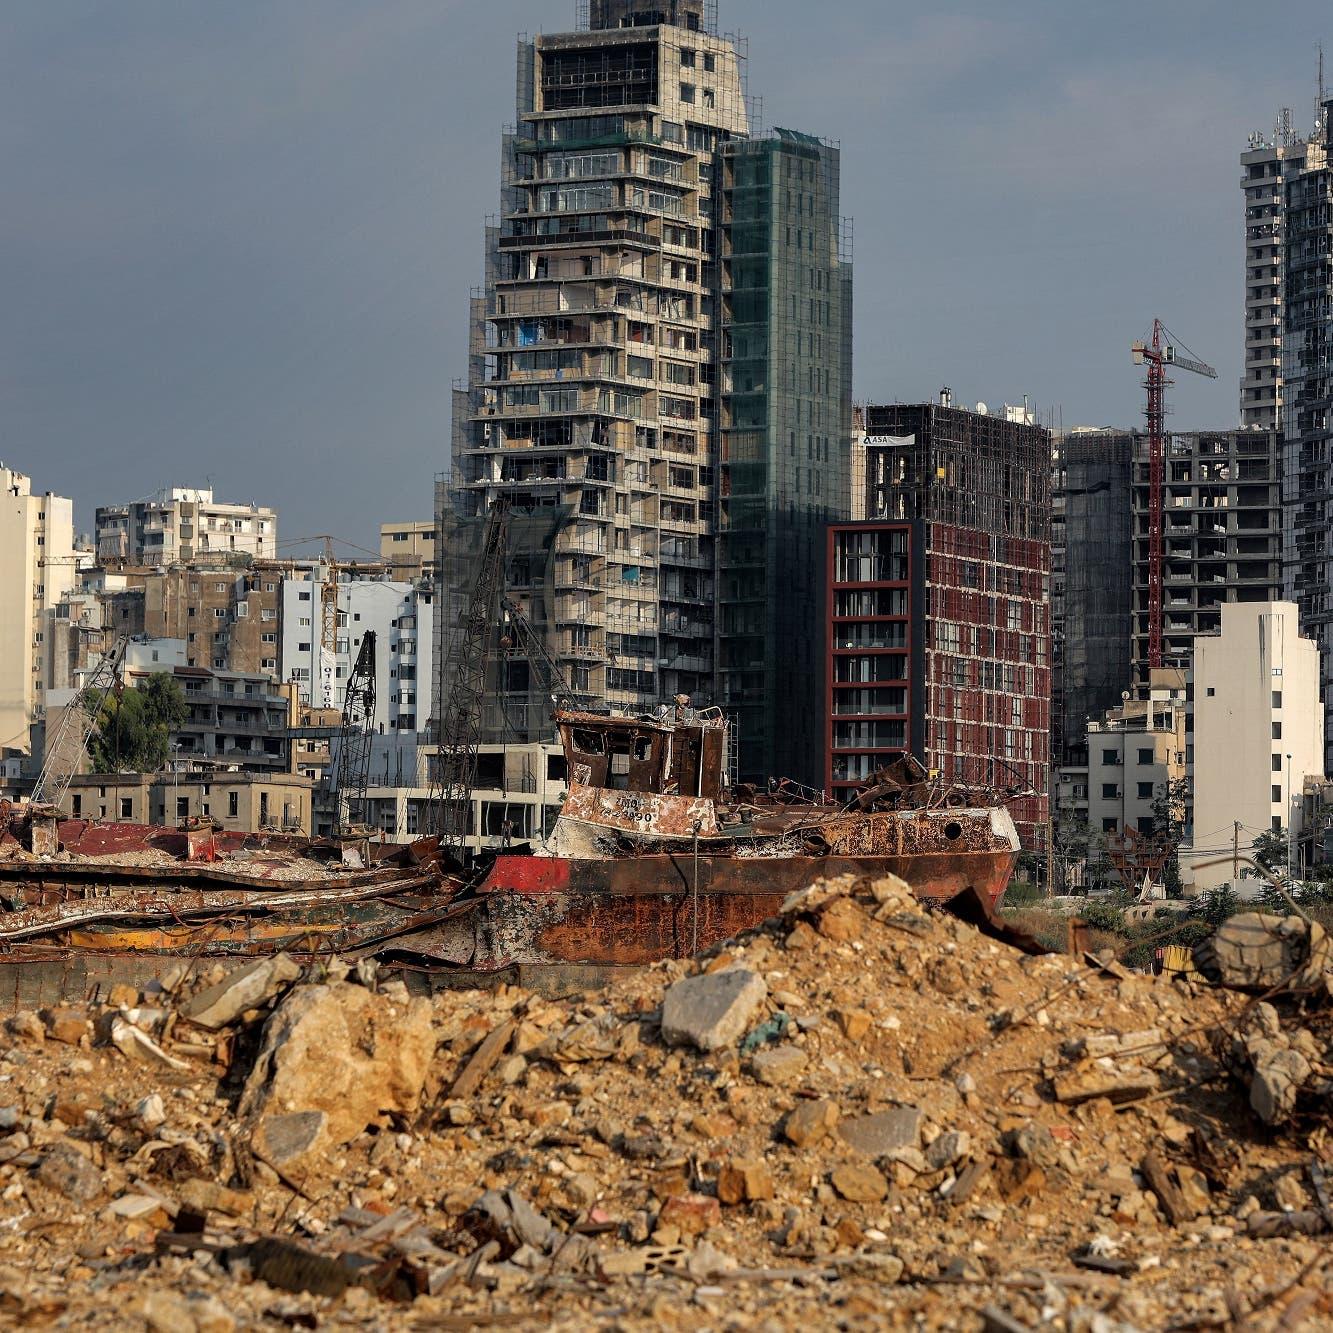 ضحايا في غيبوبة منذ سنة.. مأساة انفجار بيروت لا تنتهي